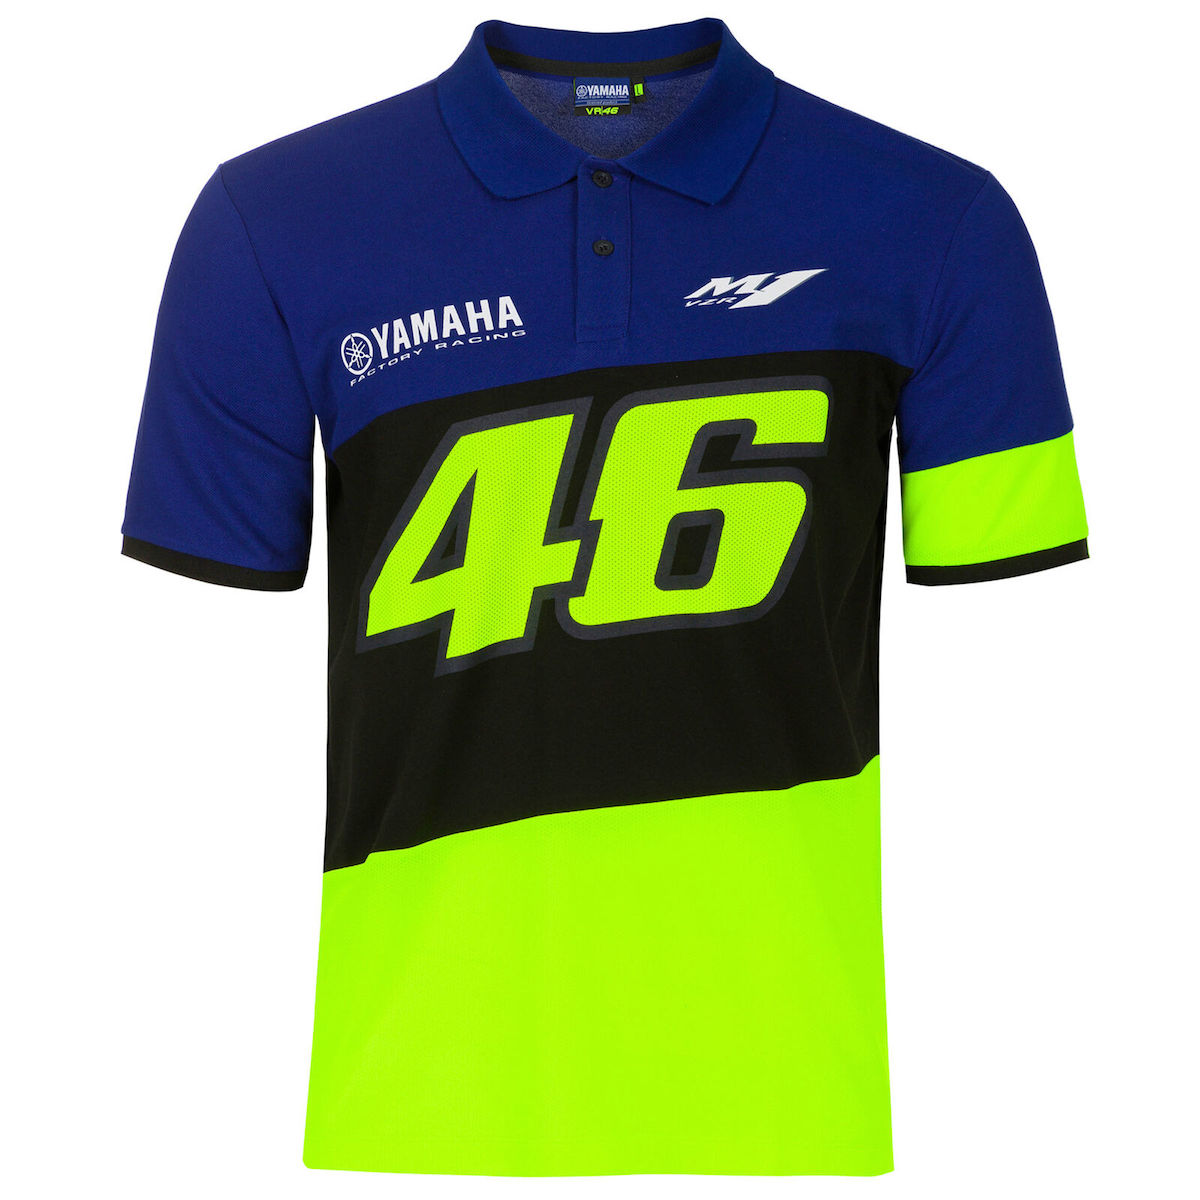 ★送料無料★ 2020 Valentino Rossi VR46 Yamaha Polo Shirt ヴァレンティノ ロッシ ヤマハ ポロシャツ 半袖